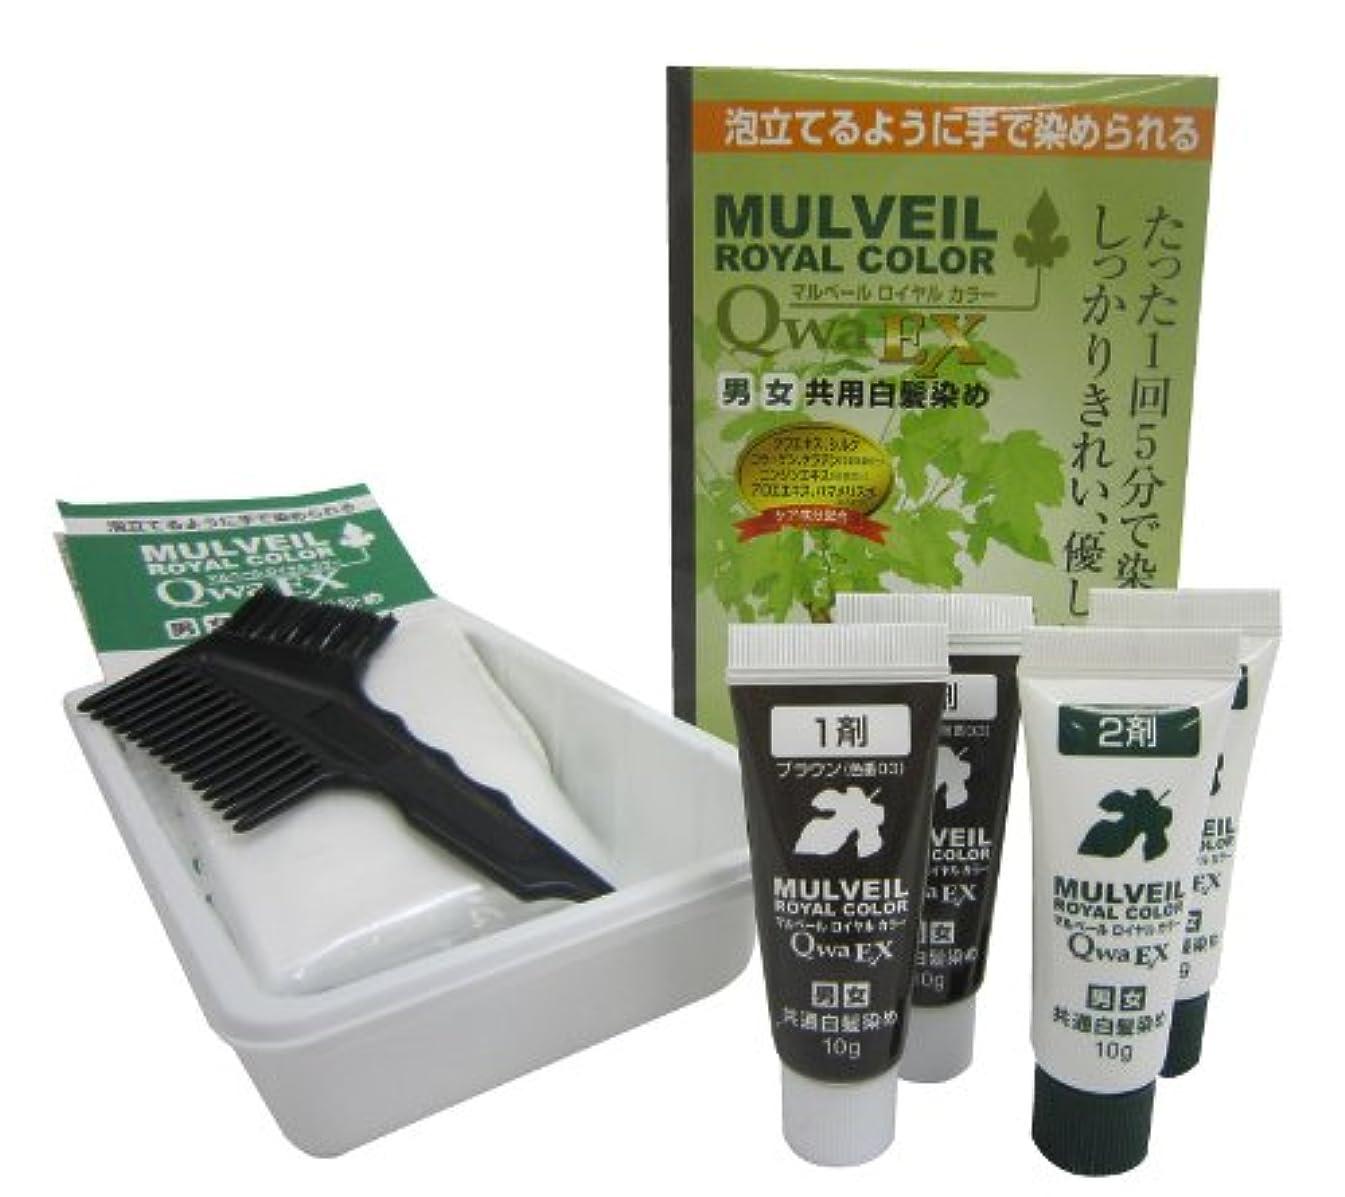 合成ノミネート象マルベール ロイヤルカラー EX 02 ダークブラウン 20g